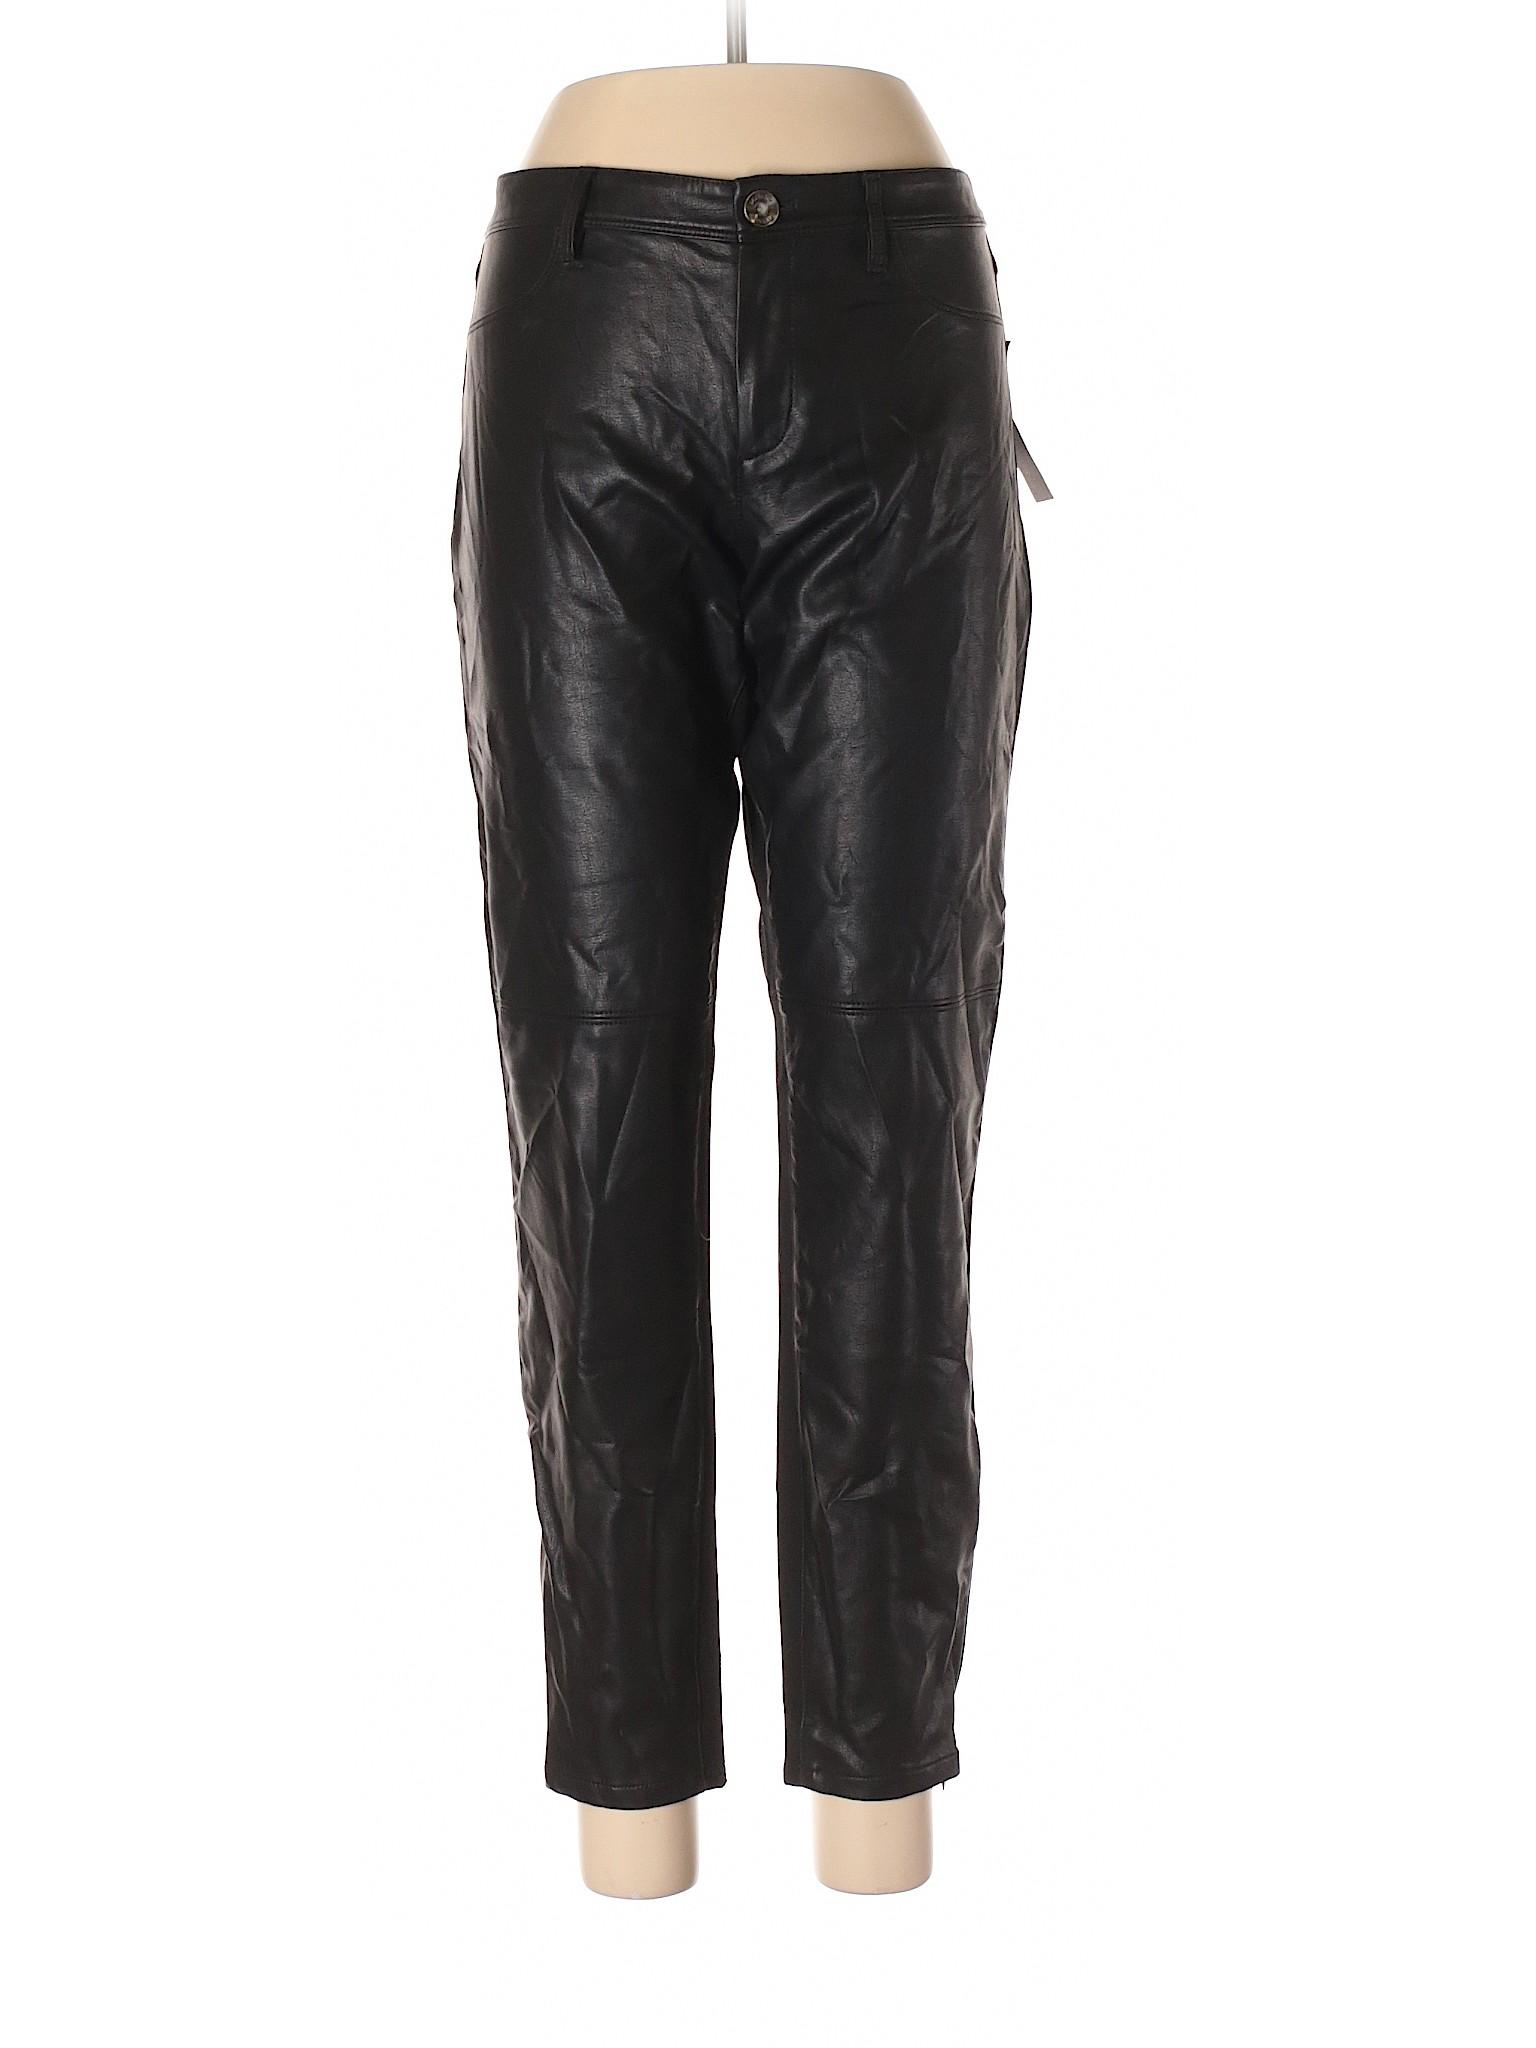 leisure Banana Faux Republic Pants Leather Boutique B1wR5qd1